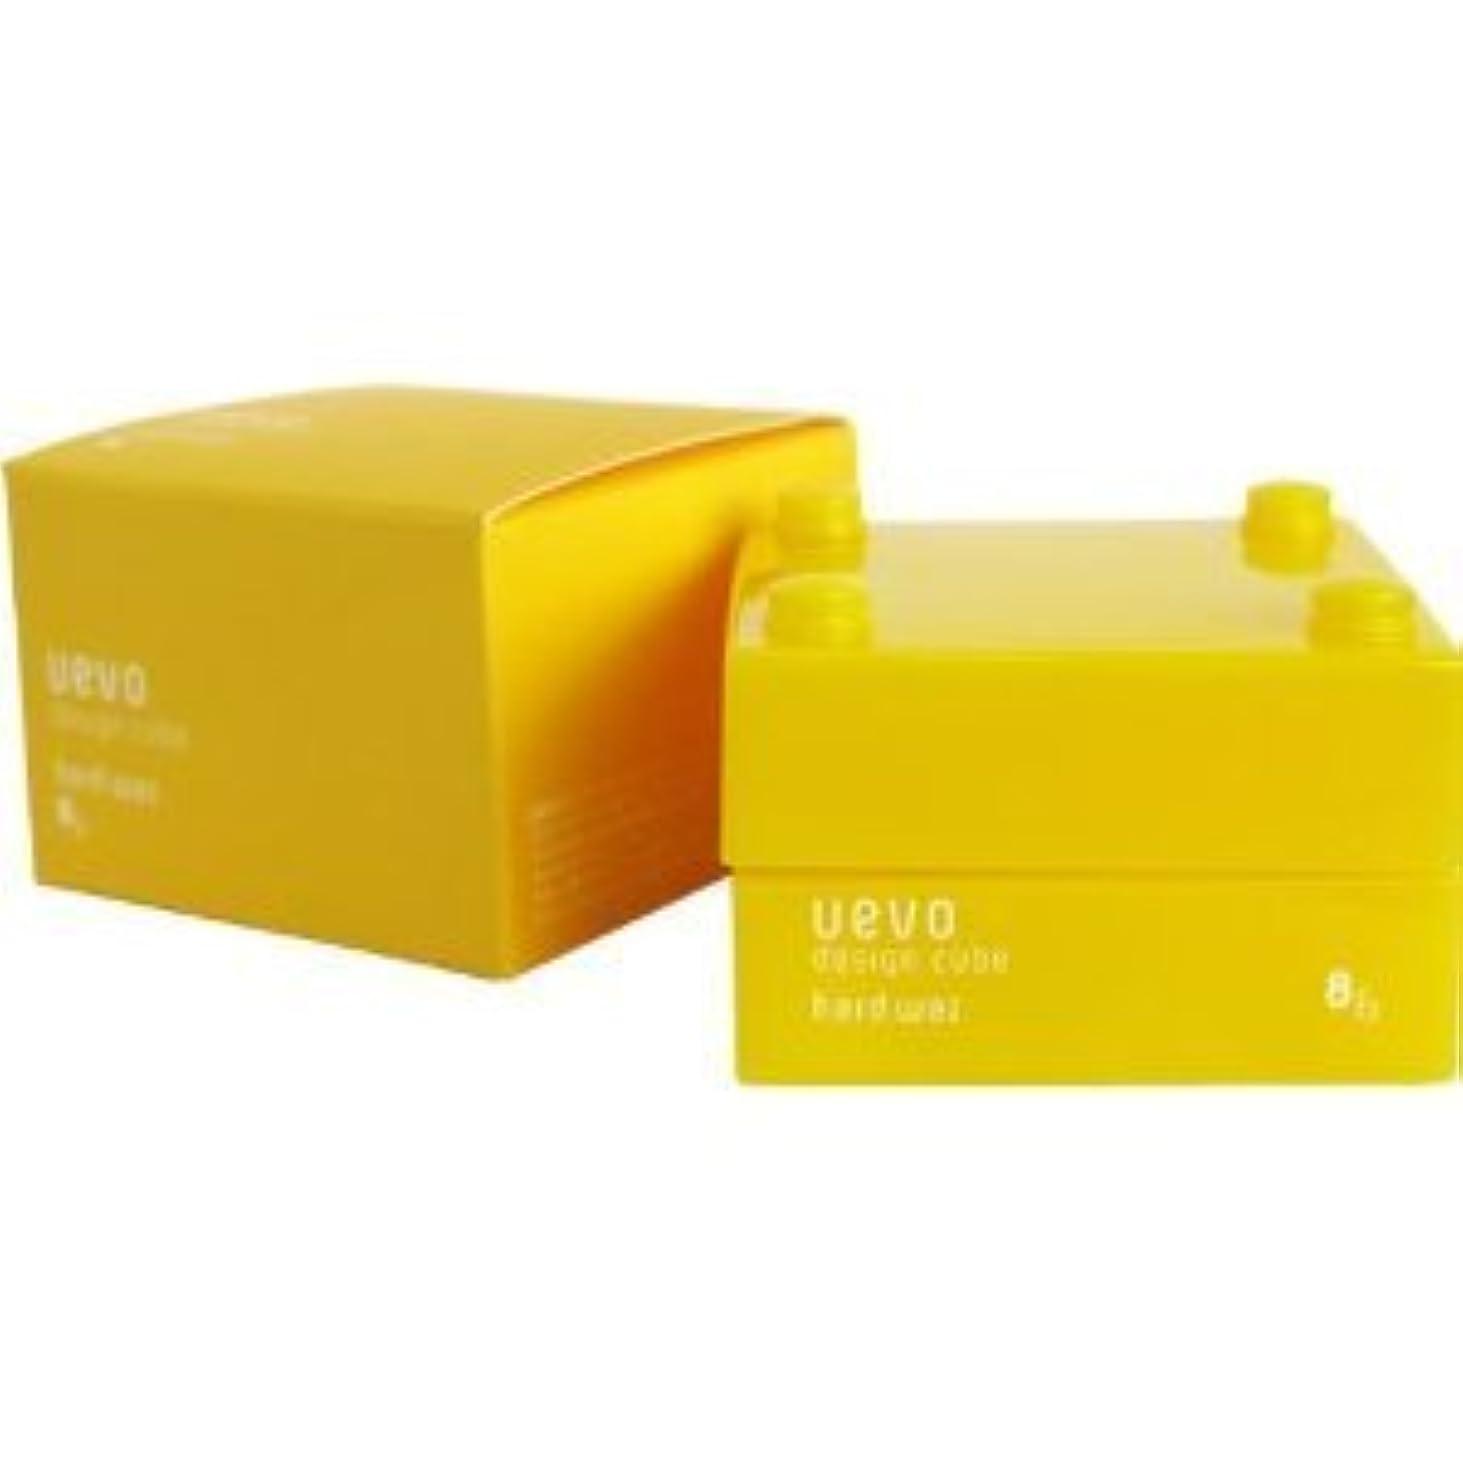 どちらも類推引き渡す【X3個セット】 デミ ウェーボ デザインキューブ ハードワックス 30g hard wax DEMI uevo design cube